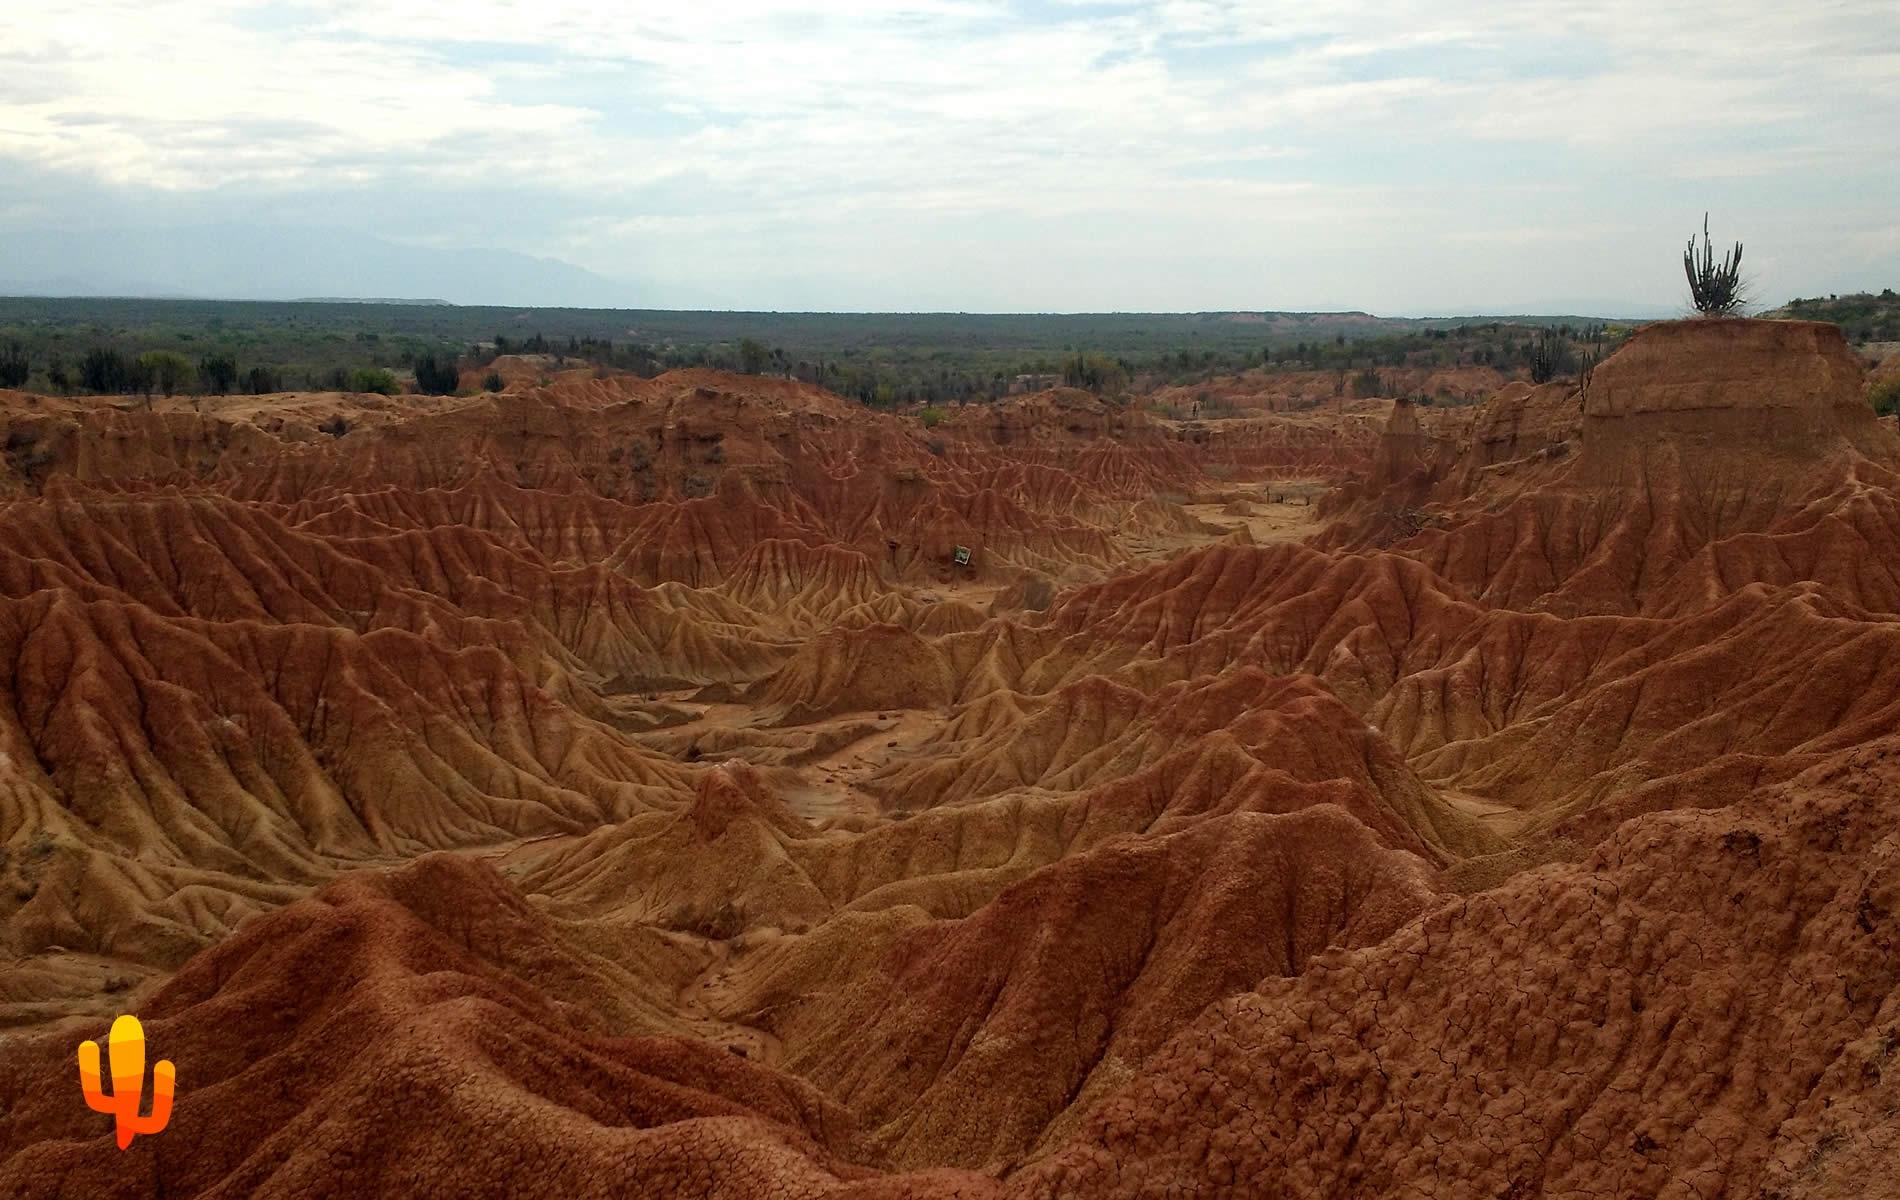 Caminatas en el Desierto Rojo